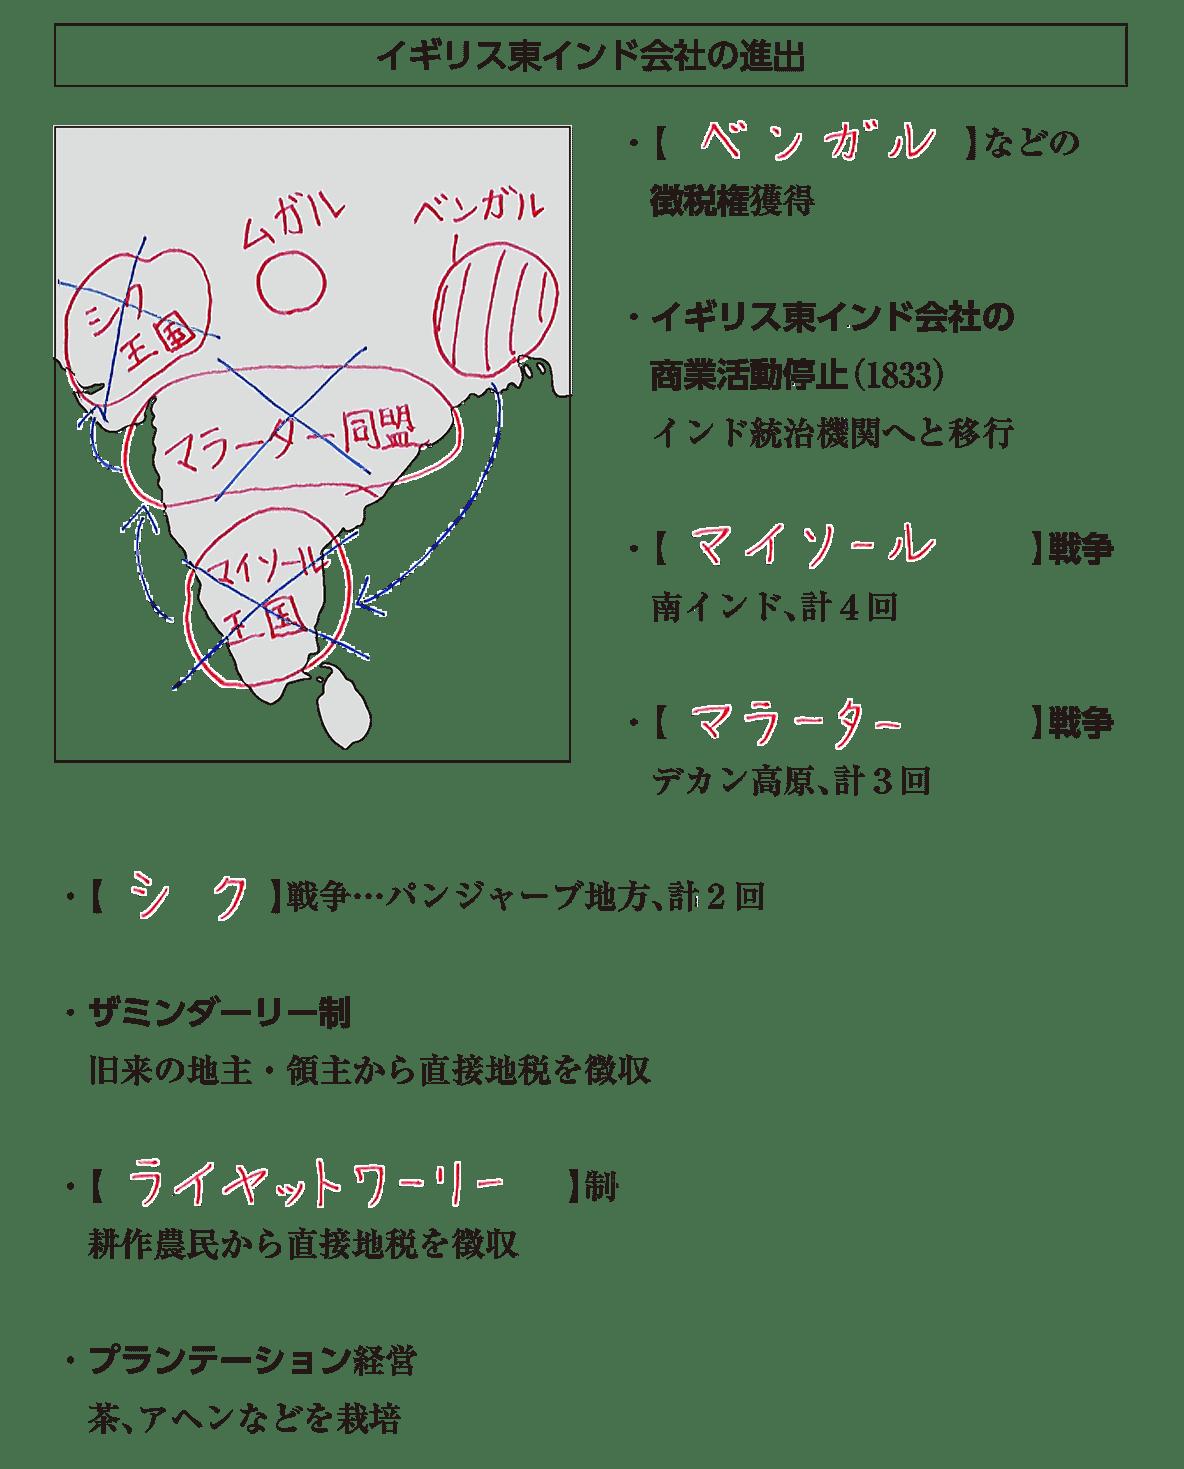 アジア諸地域の植民地化3 ポイント1 答え全部